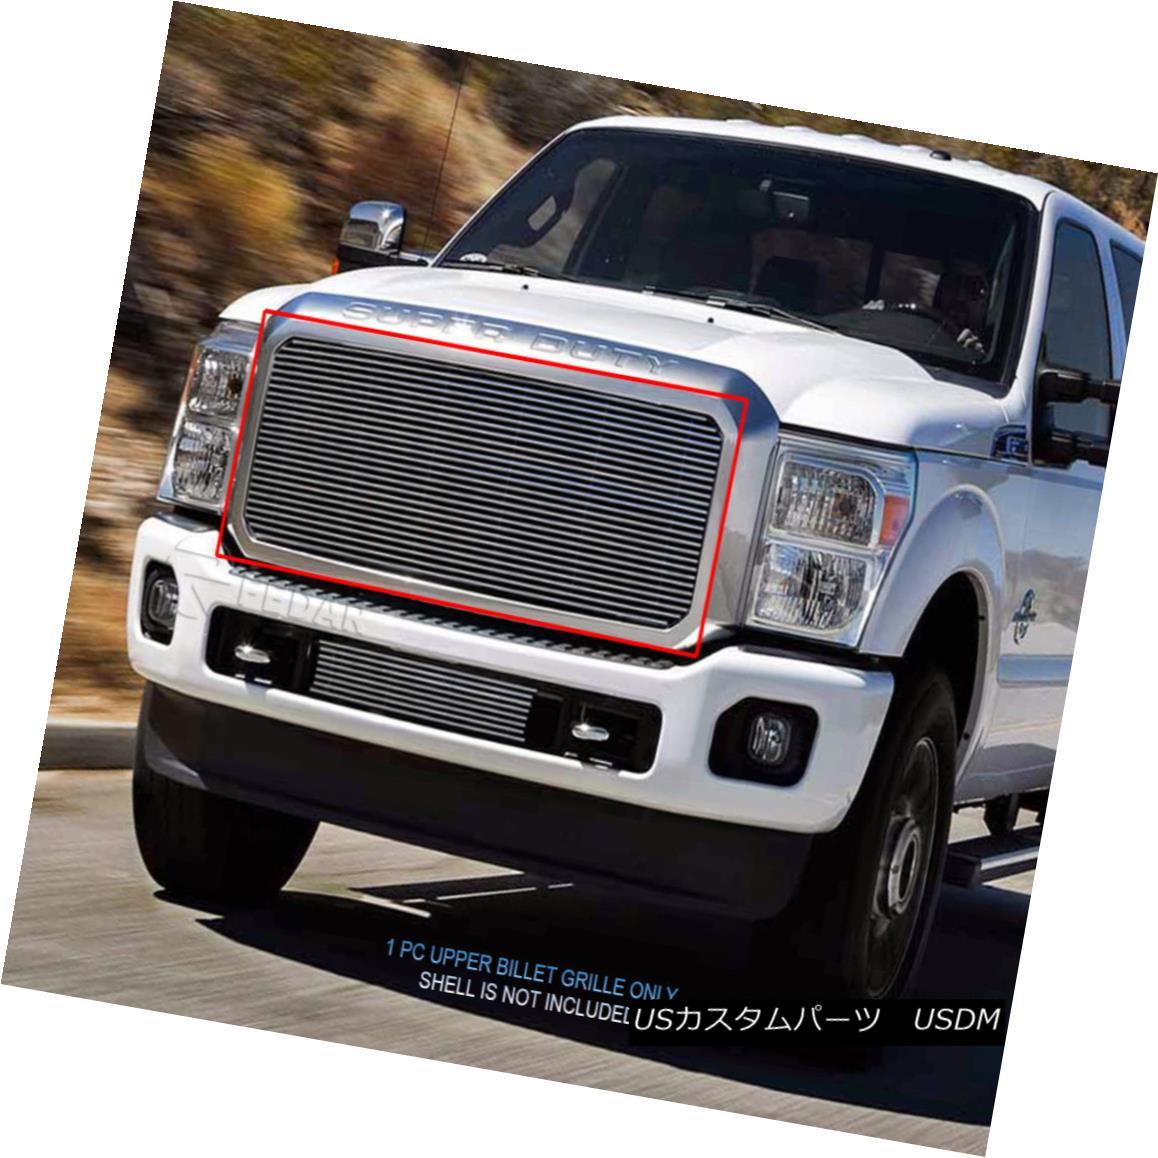 グリル Fits 2011-2016 Ford F250/F350/F450/F550 Super Duty Polished Billet Grille Insert 2011-2016 Ford F250 / F350 / F450 / F550スーパーデューティポリッシュビレットグリルインサート